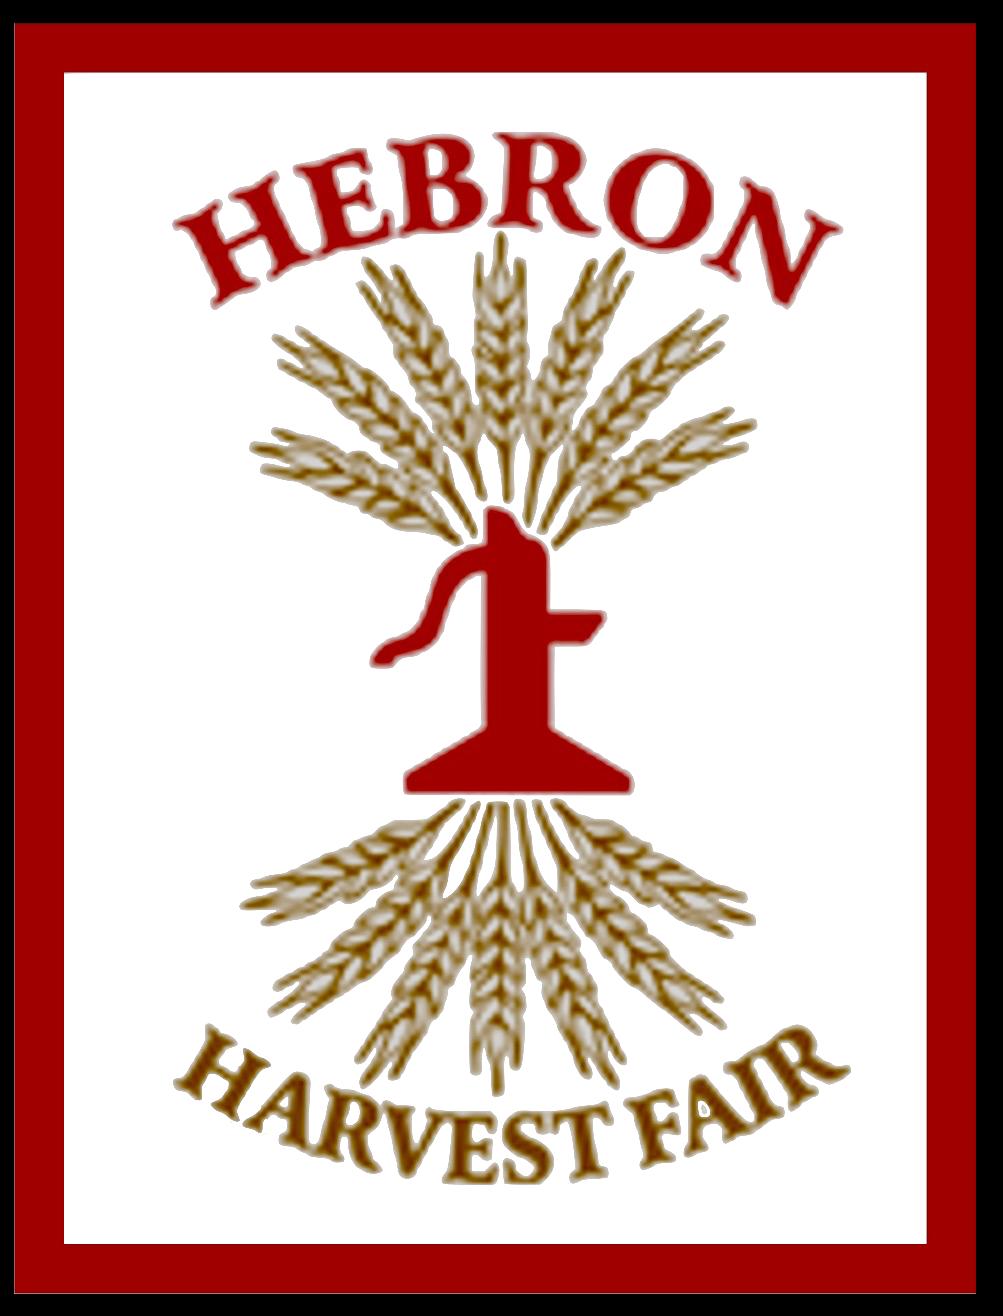 Hebron Harvest Fair